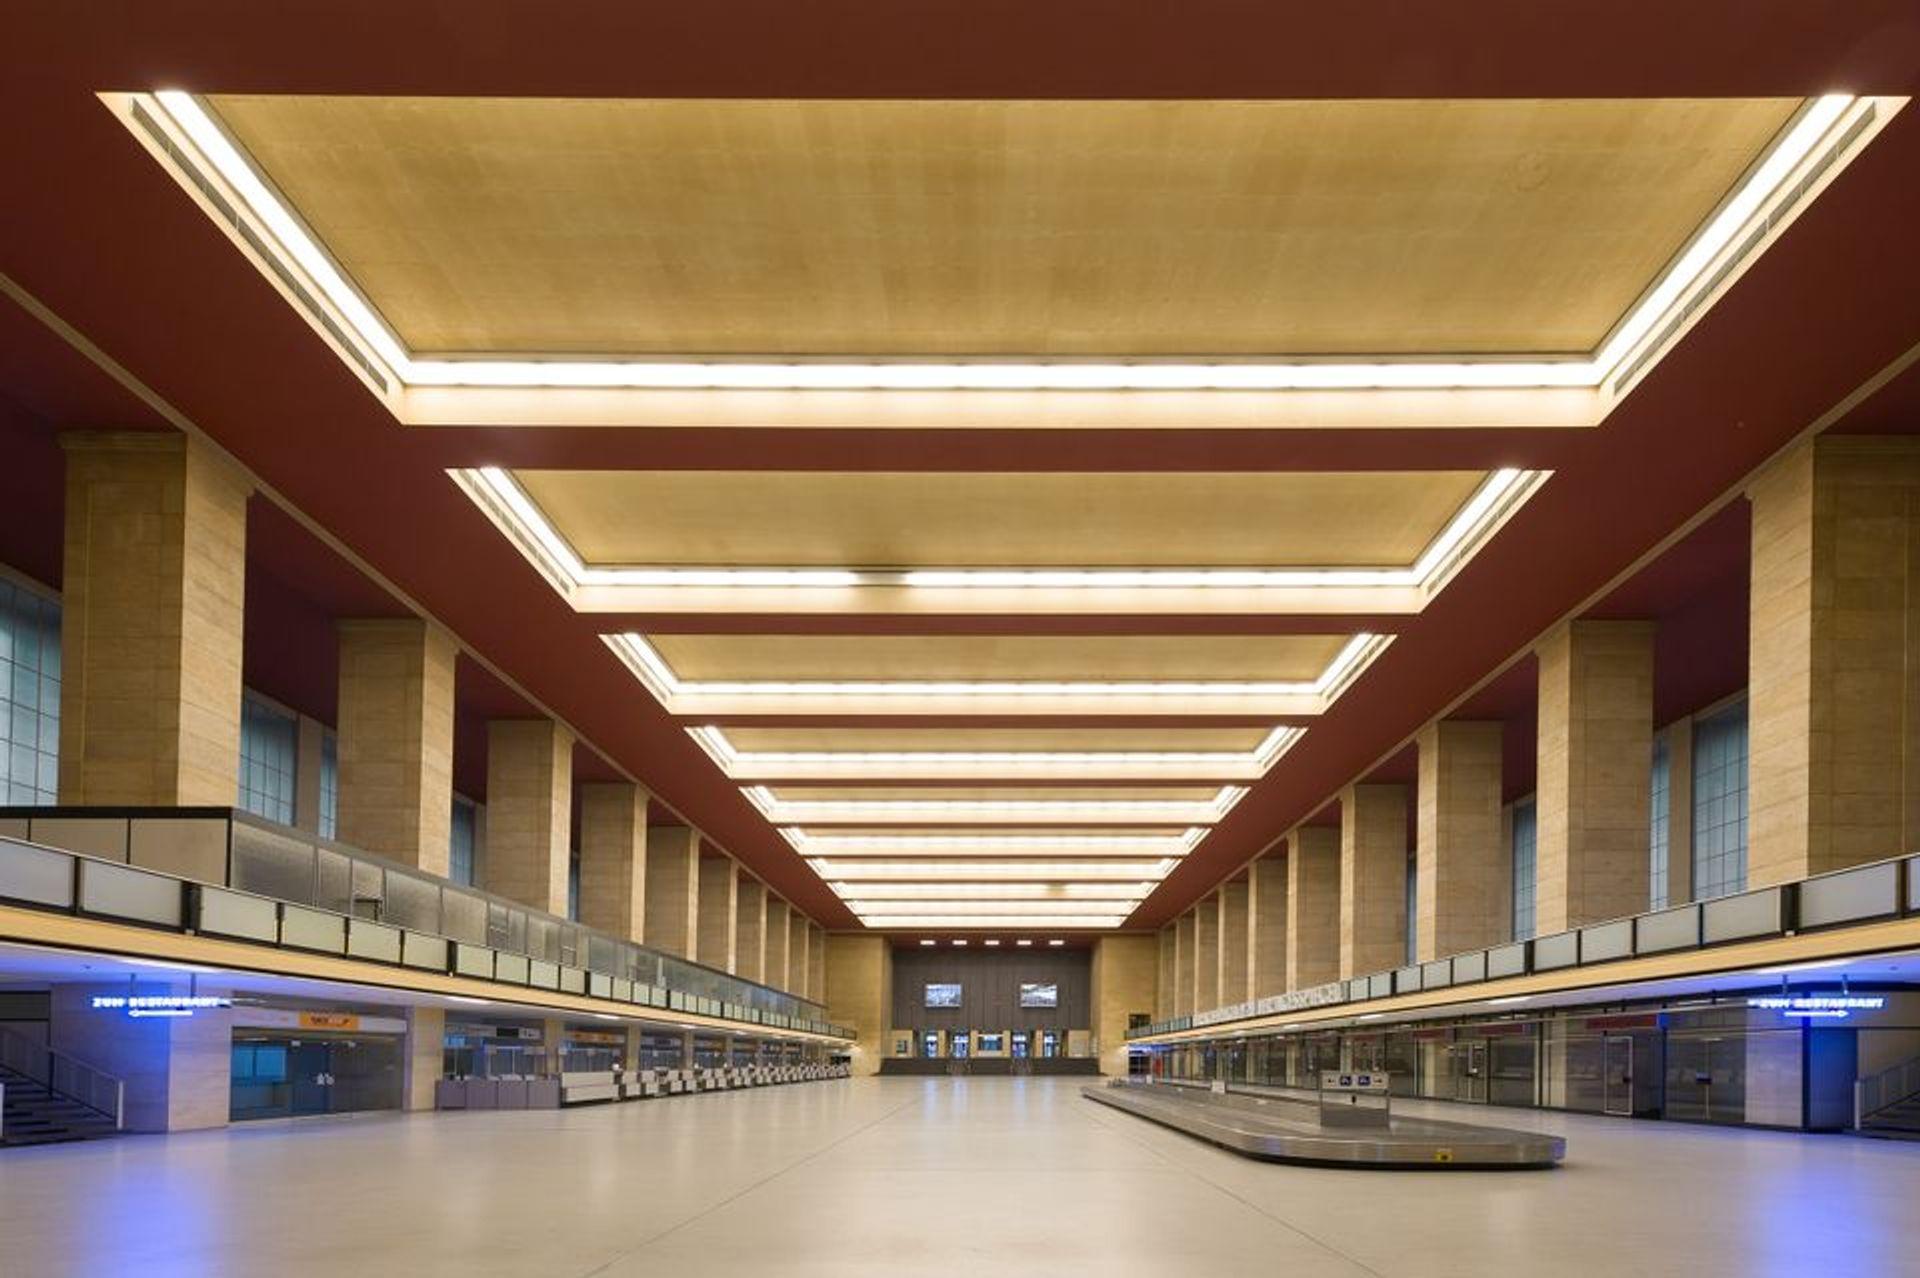 Tempelhof airport's main hall Tempelhof Projekt GmbH, www.thf-berlin.de